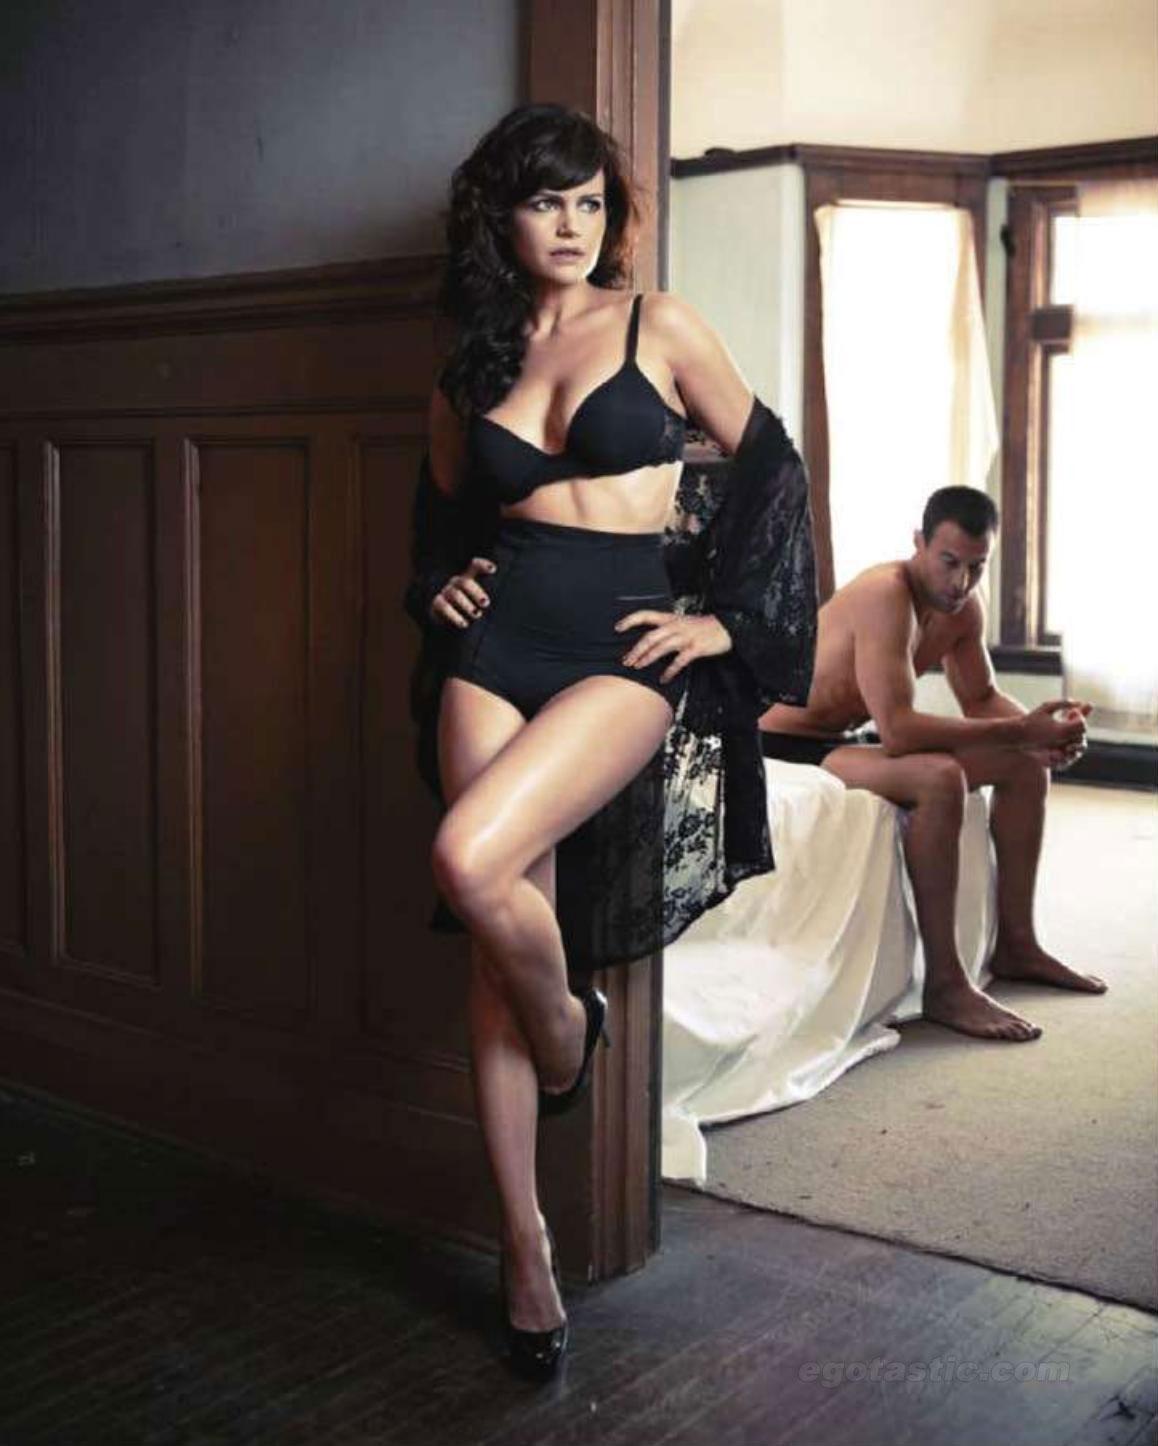 Carla Gugino photo 71 of 259 pics, wallpaper - photo ... Abbie Cornish